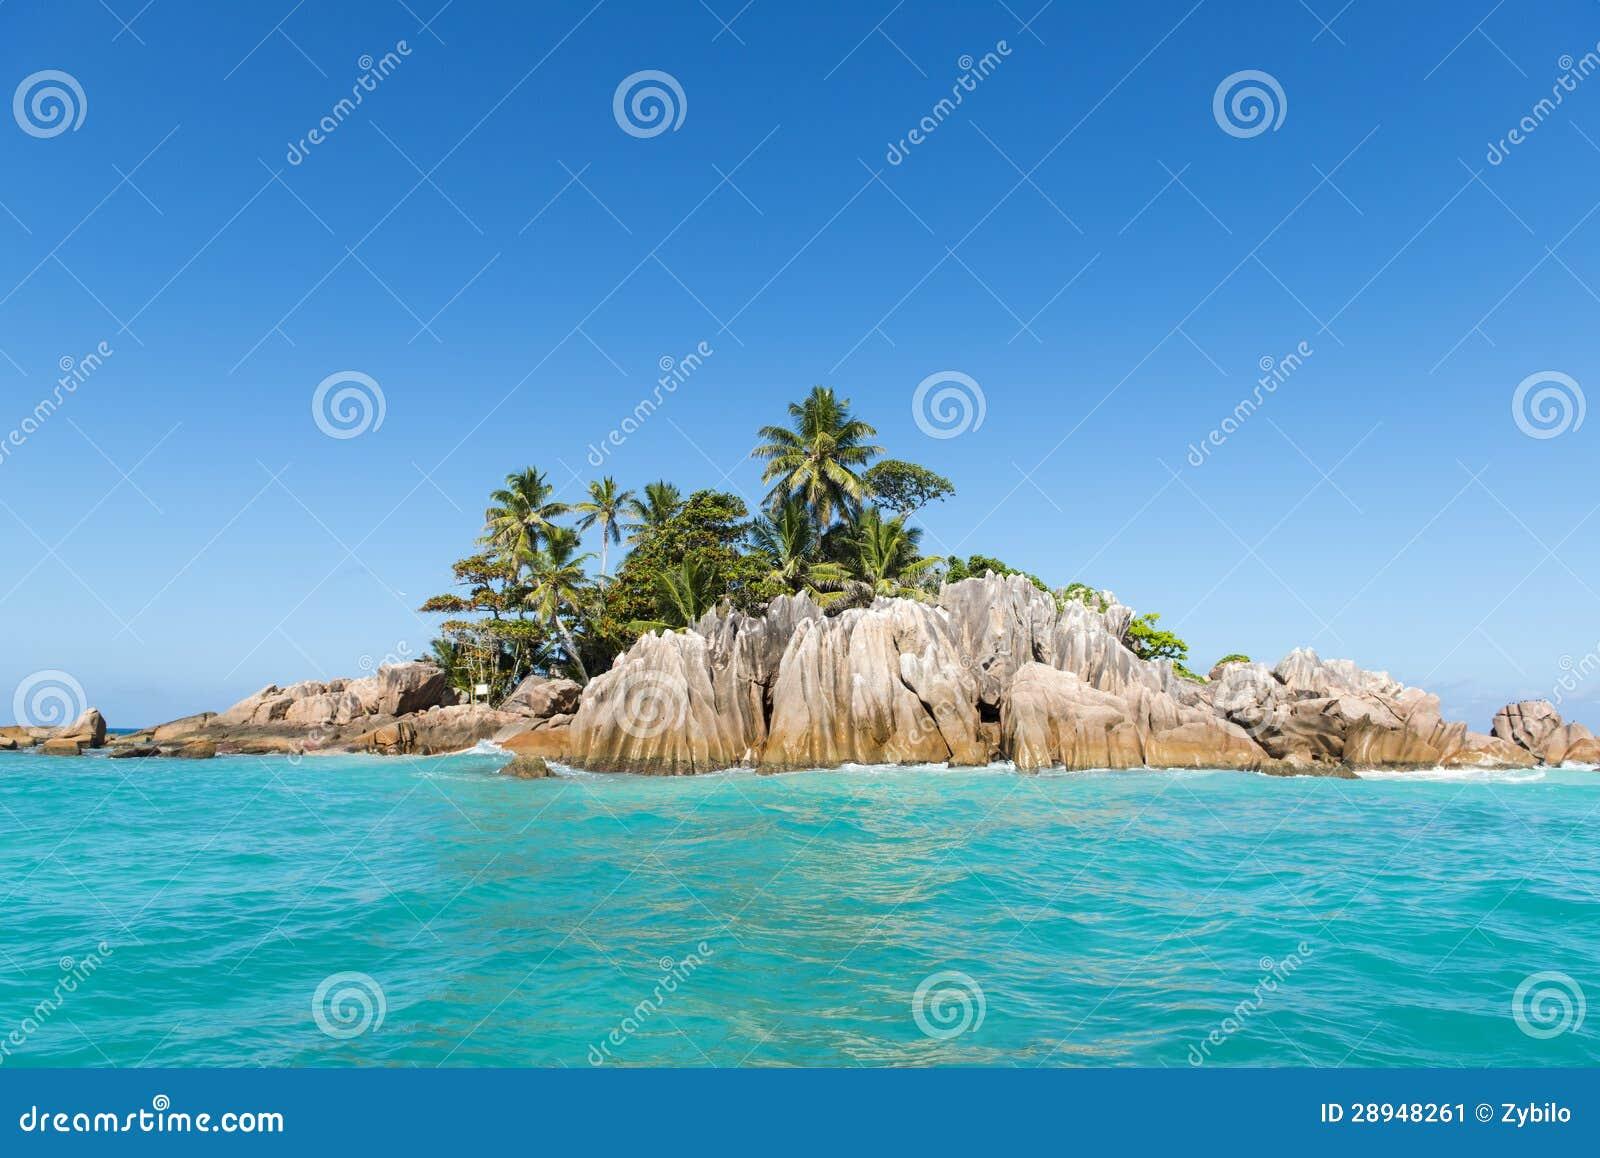 Île tropicale. Station balnéaire exotique calme